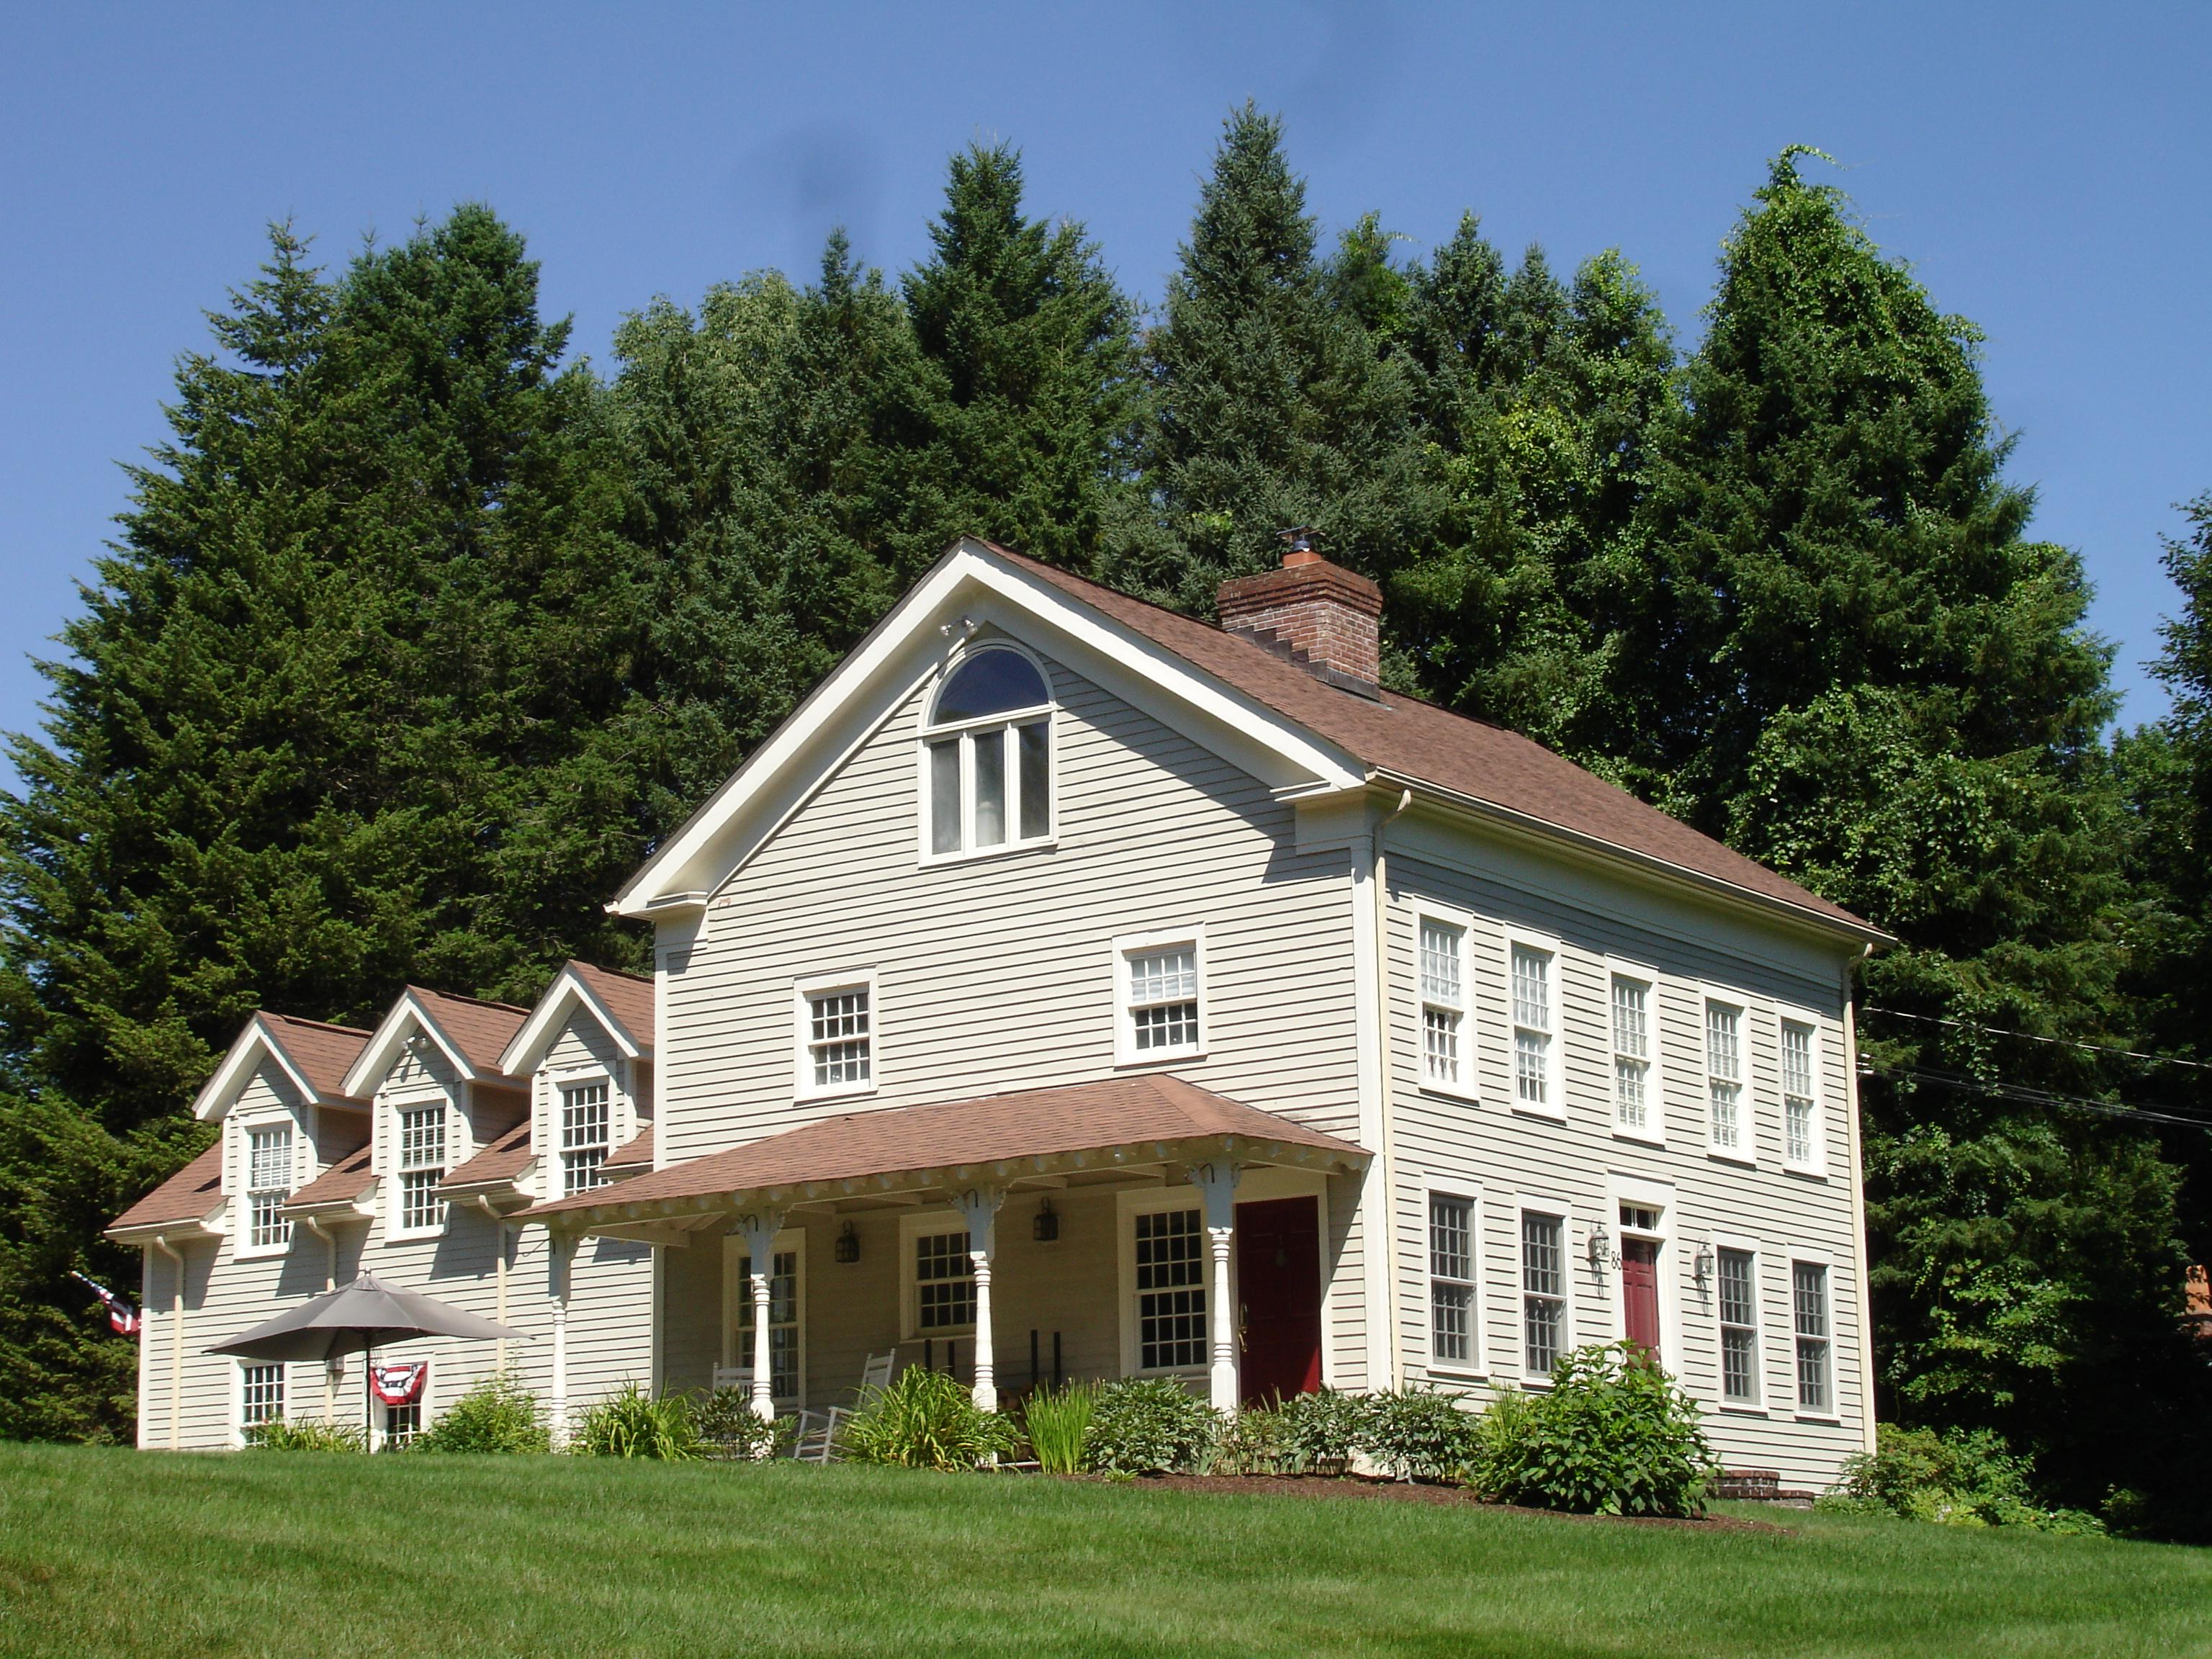 Casa Unifamiliar por un Venta en All The Charm Of Yesteryear 86 Obtuse Road South Brookfield, Connecticut 06804 Estados Unidos